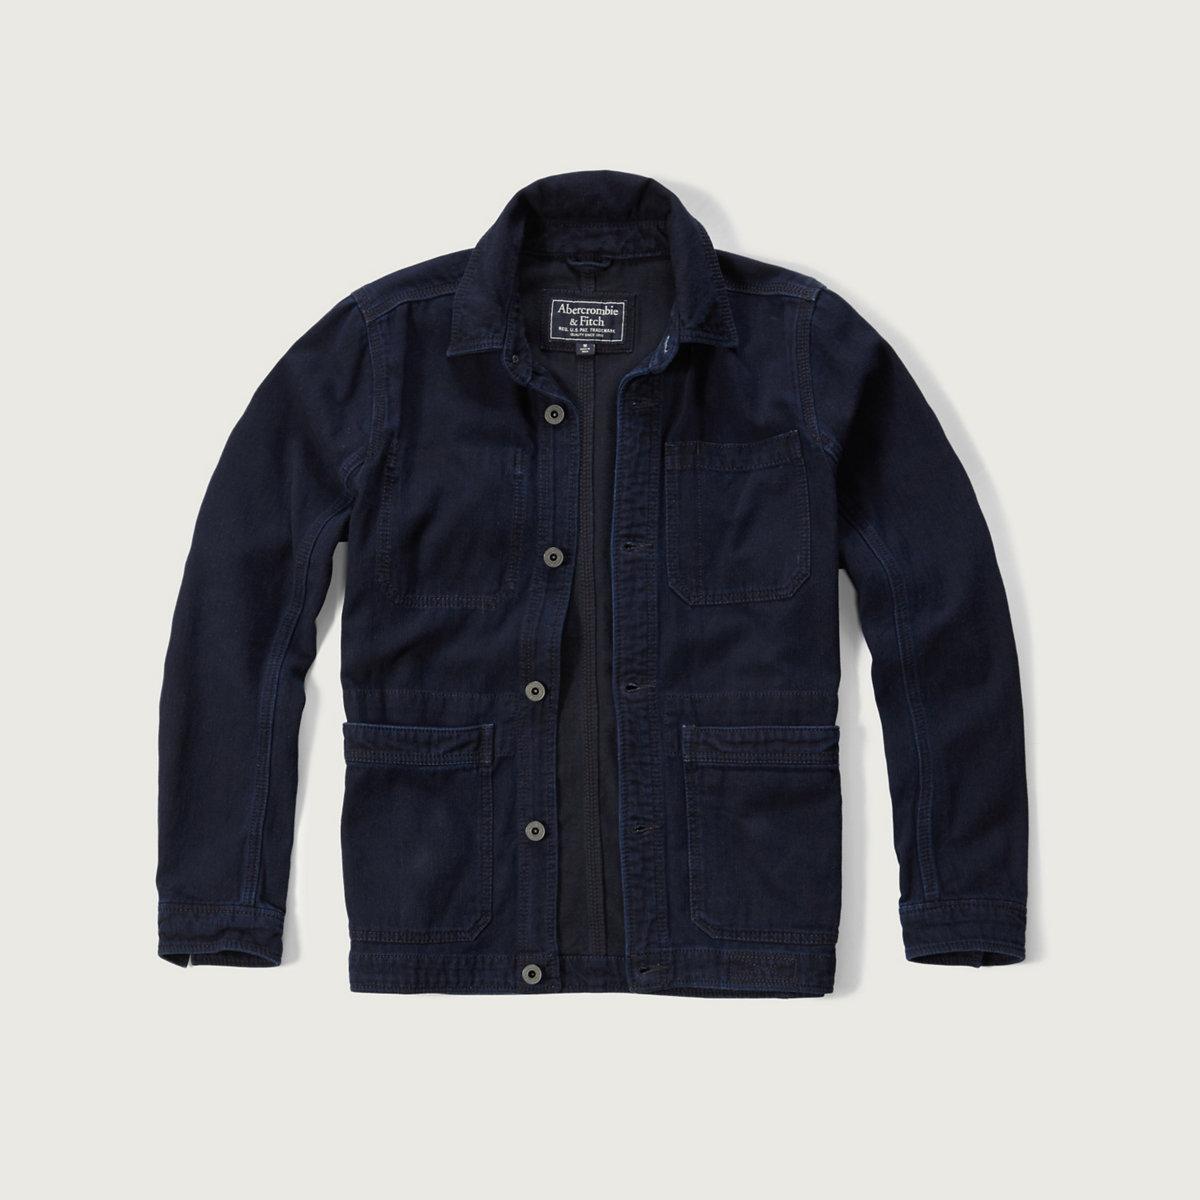 A&F True Indigo Dye Work Jacket